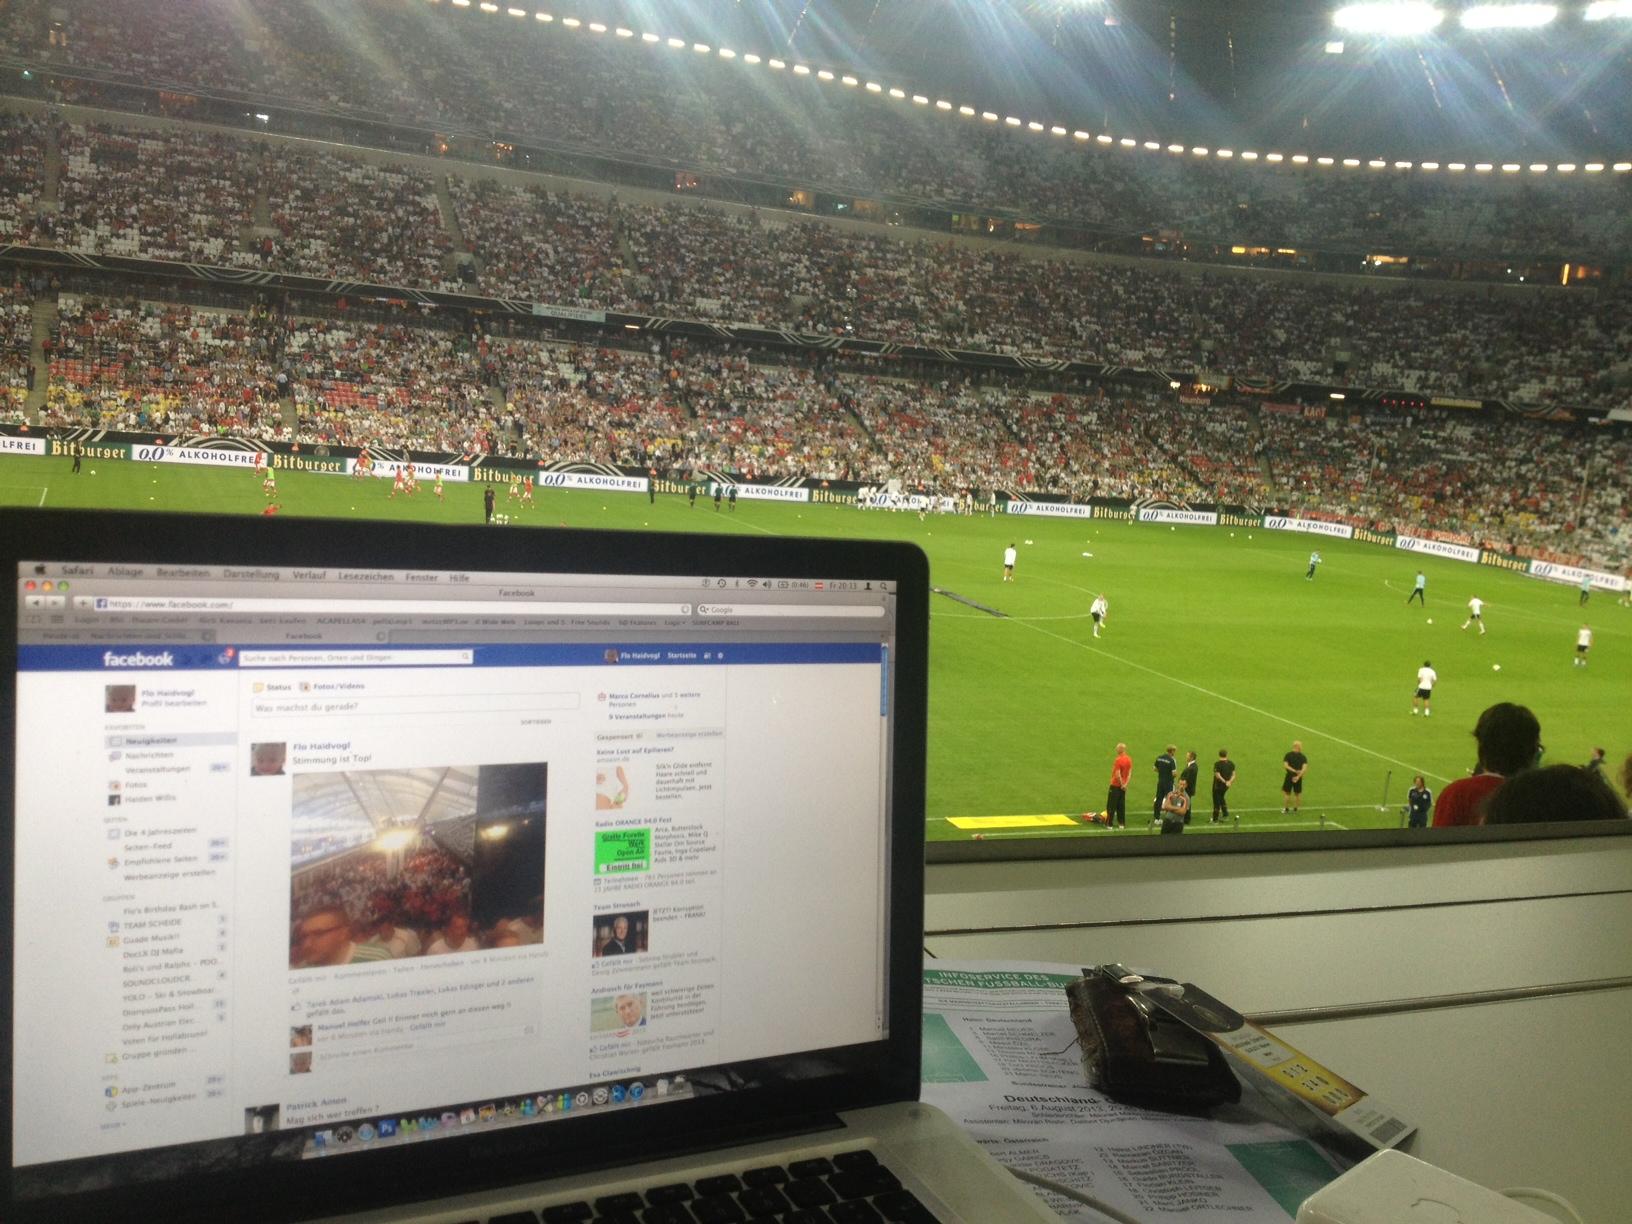 Pressebereich der Österreicher in der Münchner Allianz Arena